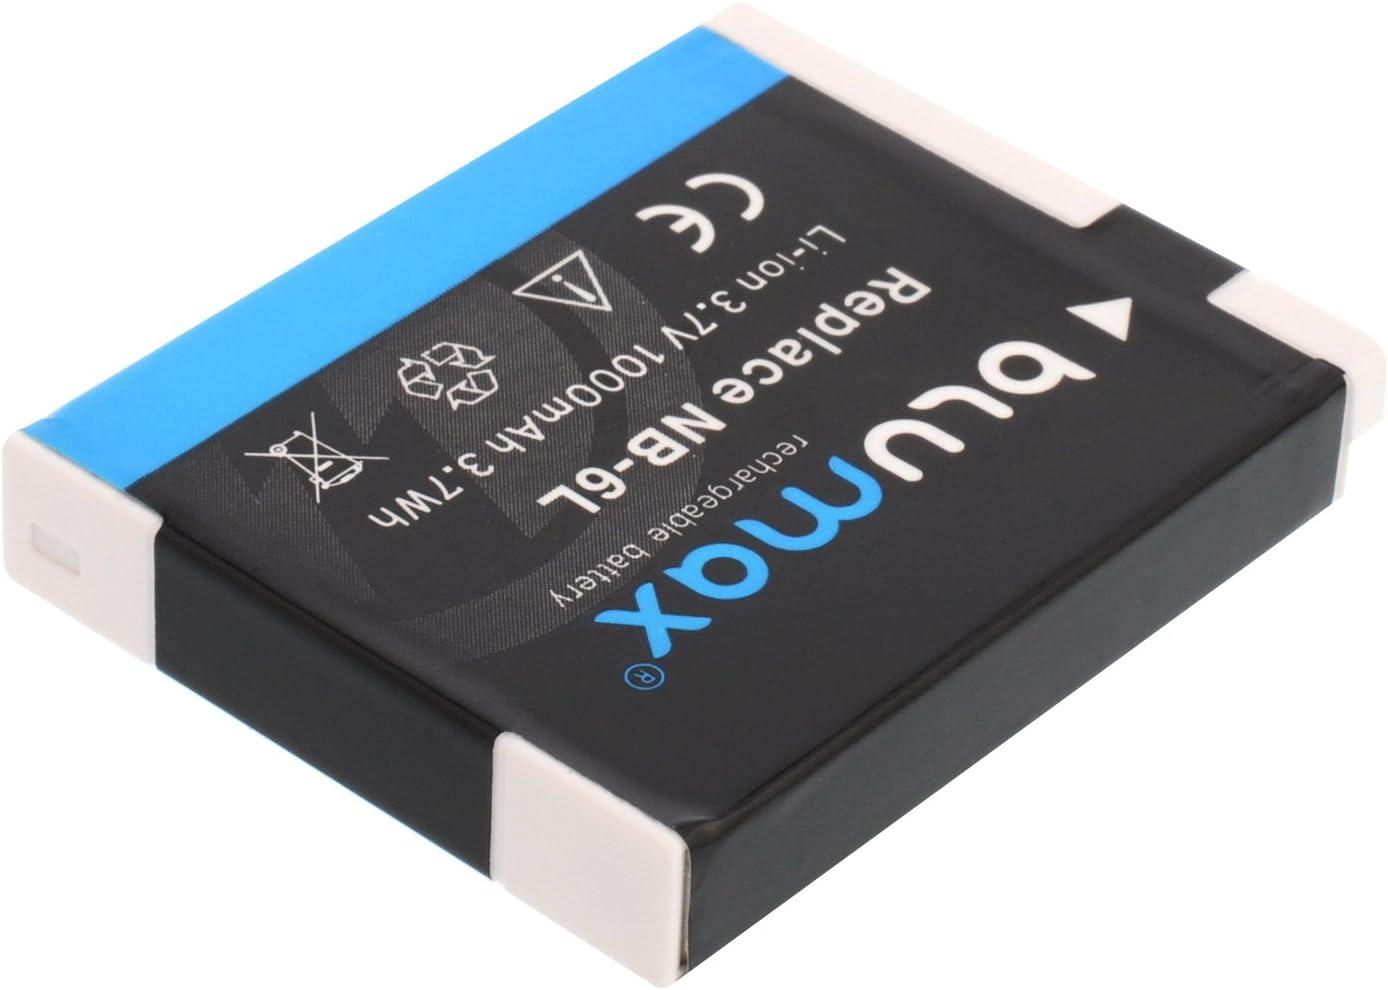 kompatibel mit Canon PowerShot D30 SX170 SX240 SX260 SX270 SX280 SX500 SX510 SX520 SX530 SX540 SX600 SX610 SX700 SX710 S90 S95 S120 S20 Blumax Akku f/ür Canon NB-6L 1000mAh